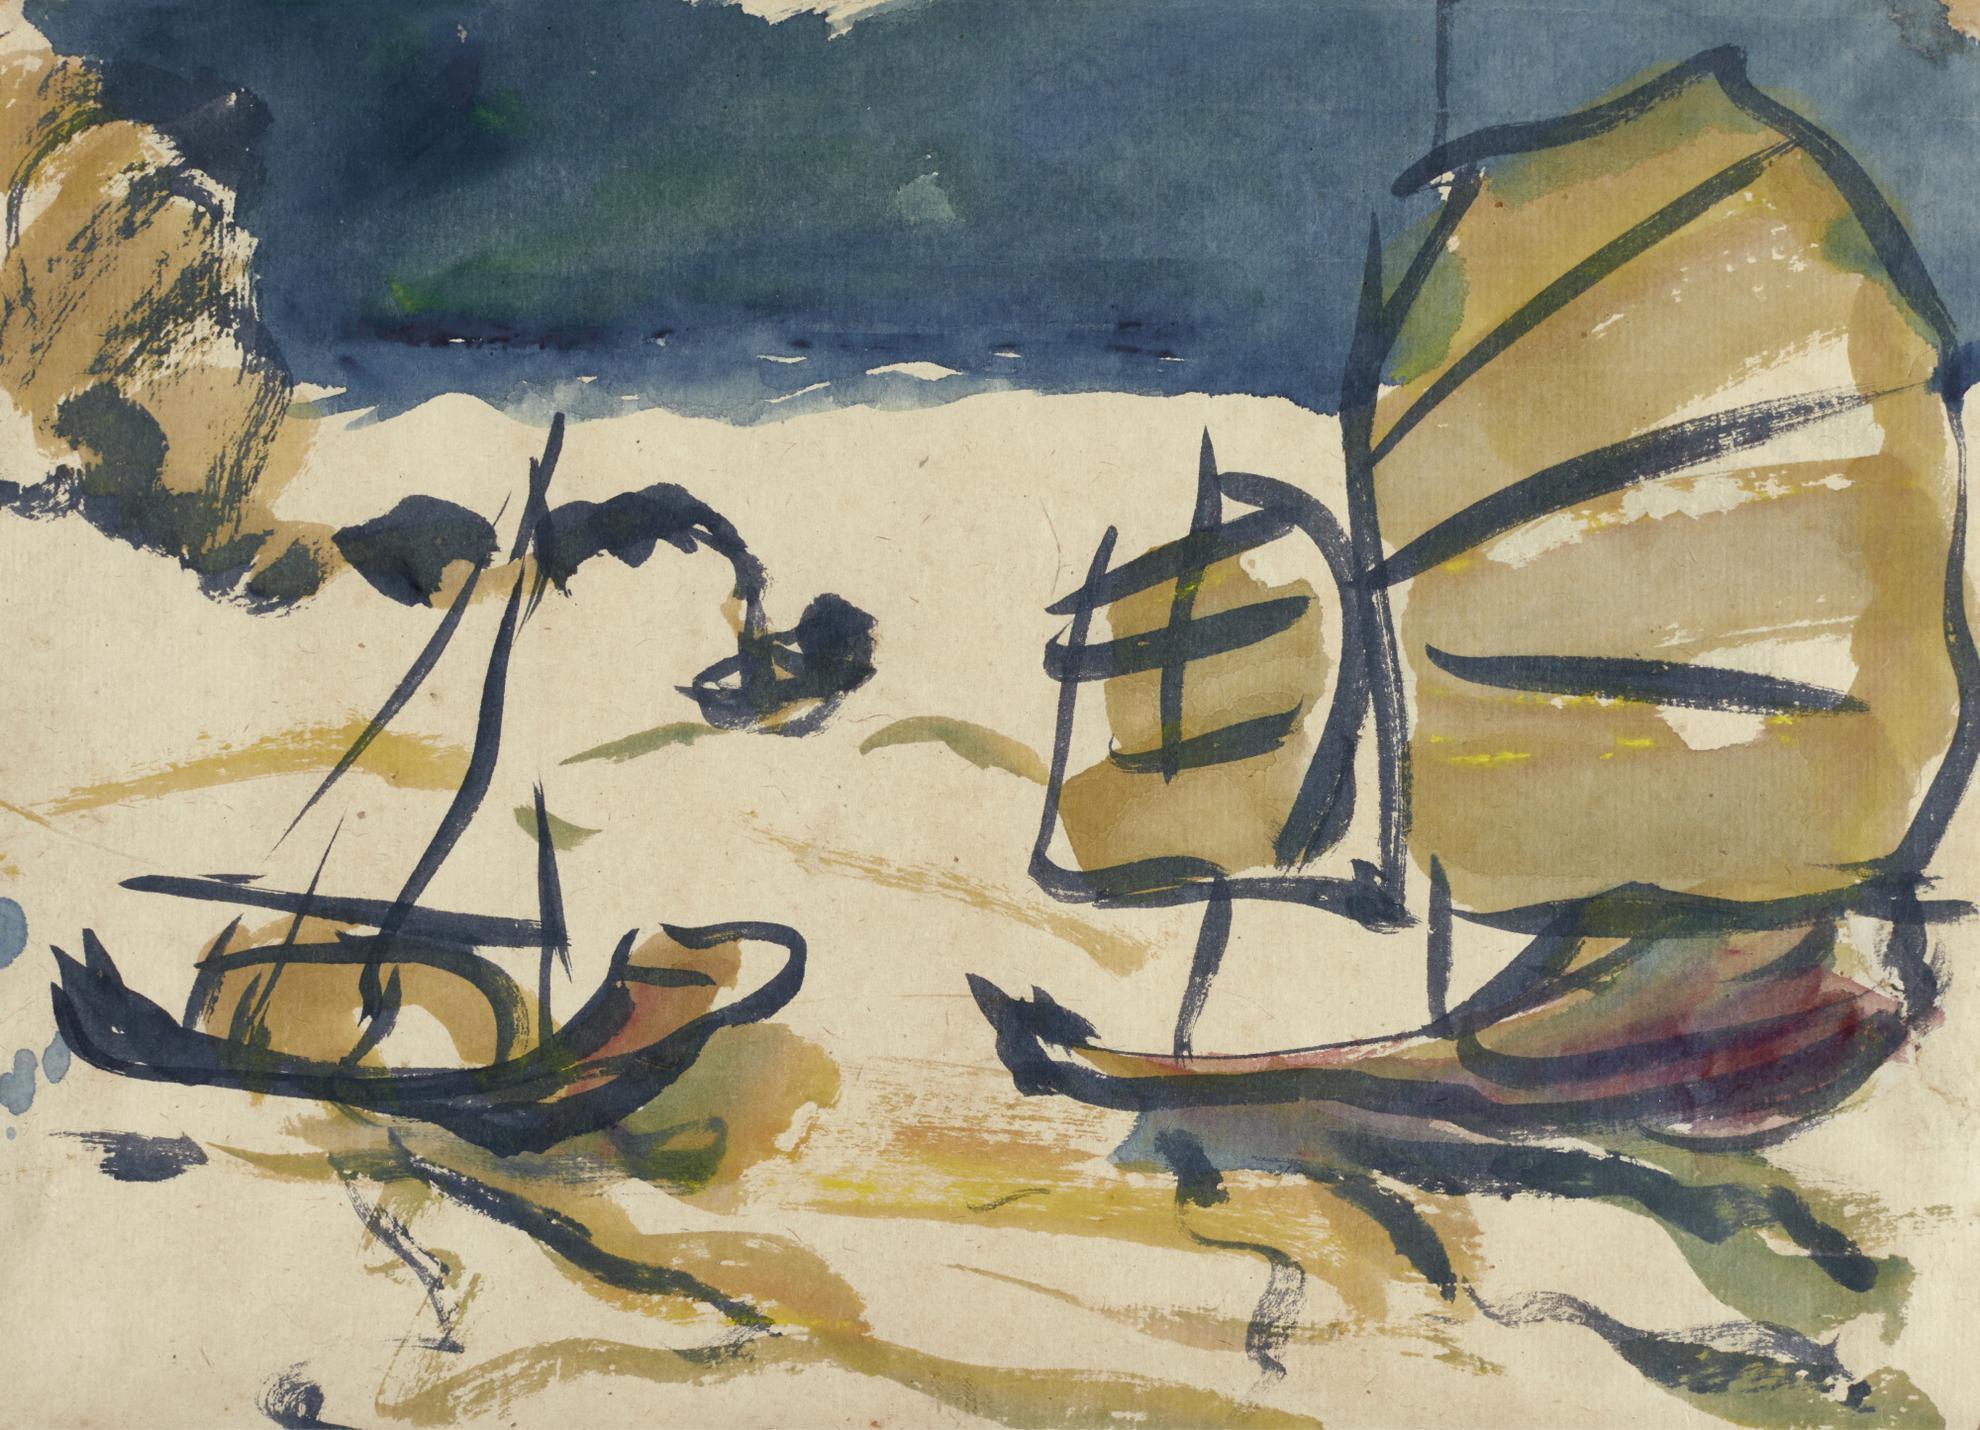 Emil Nolde-Dschunken Vor Hong Kong (Chinese Junk Boats In Hong Kong)-1913